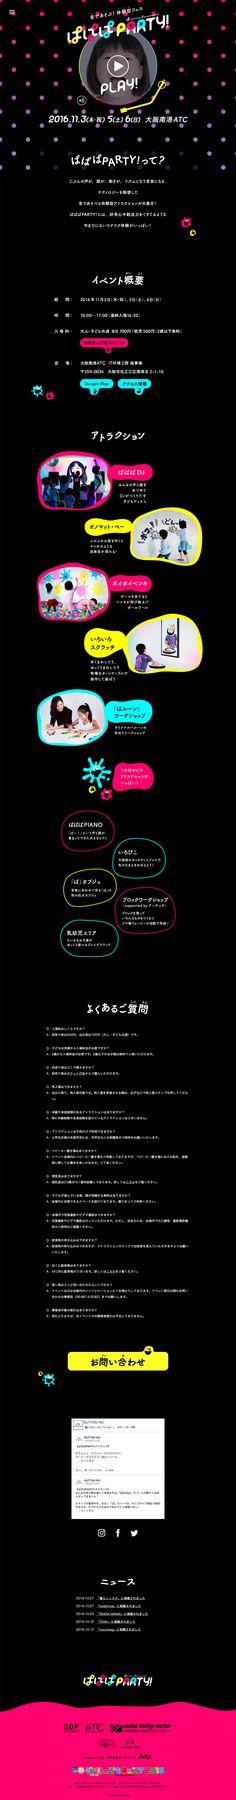 音であそぶ!体験型フェス「ぱぱぱPARTY!」 : 81-web.com【Webデザイン リンク集】